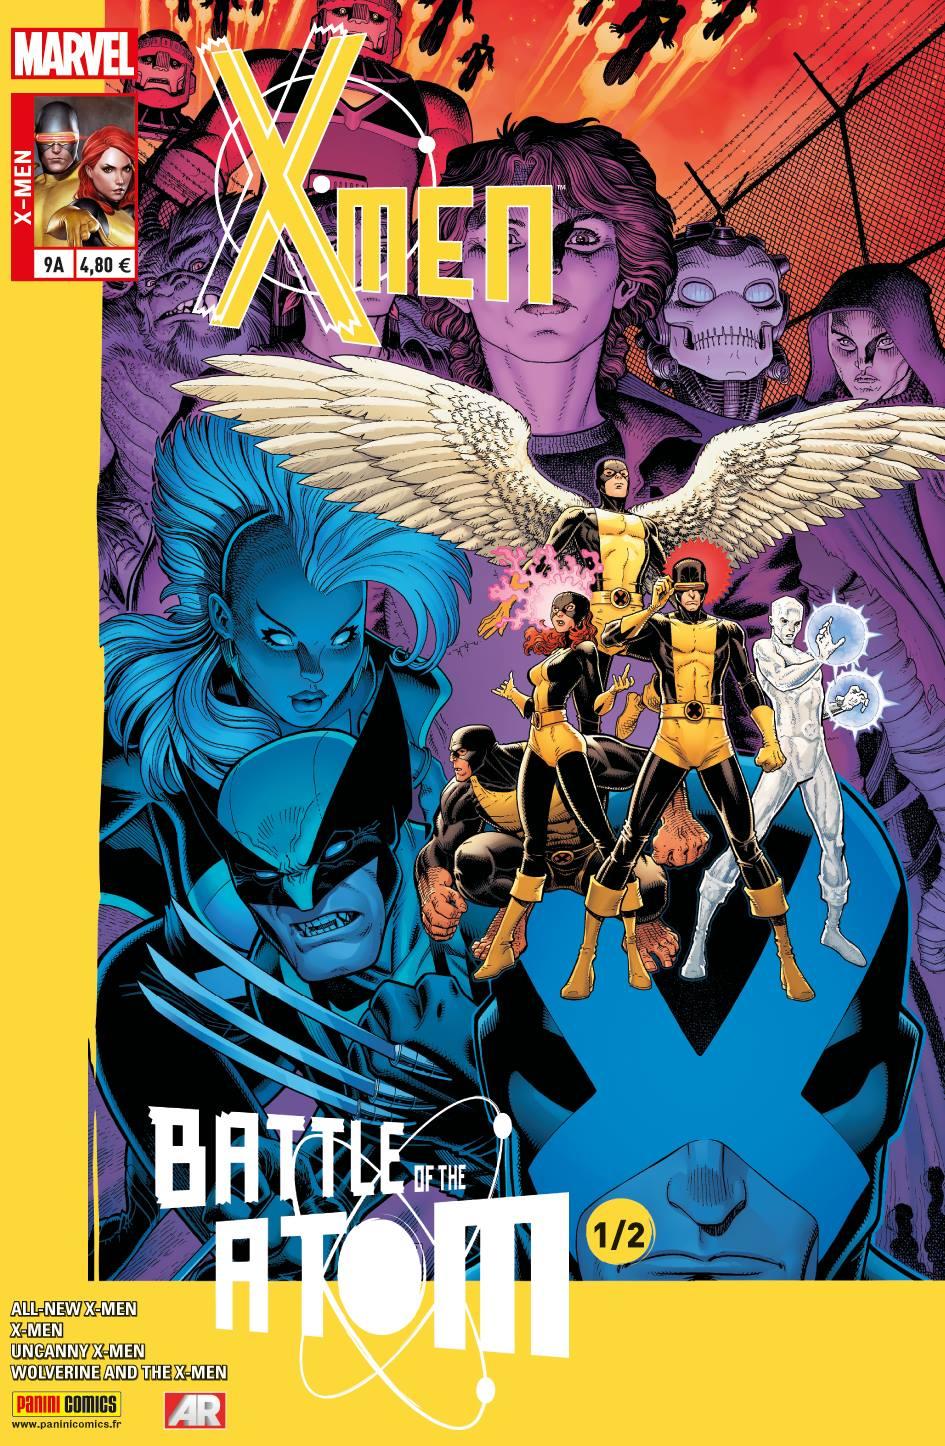 X-MEN 9 : LA BATAILLE DE L'ATOME 1/2 (Couv A)